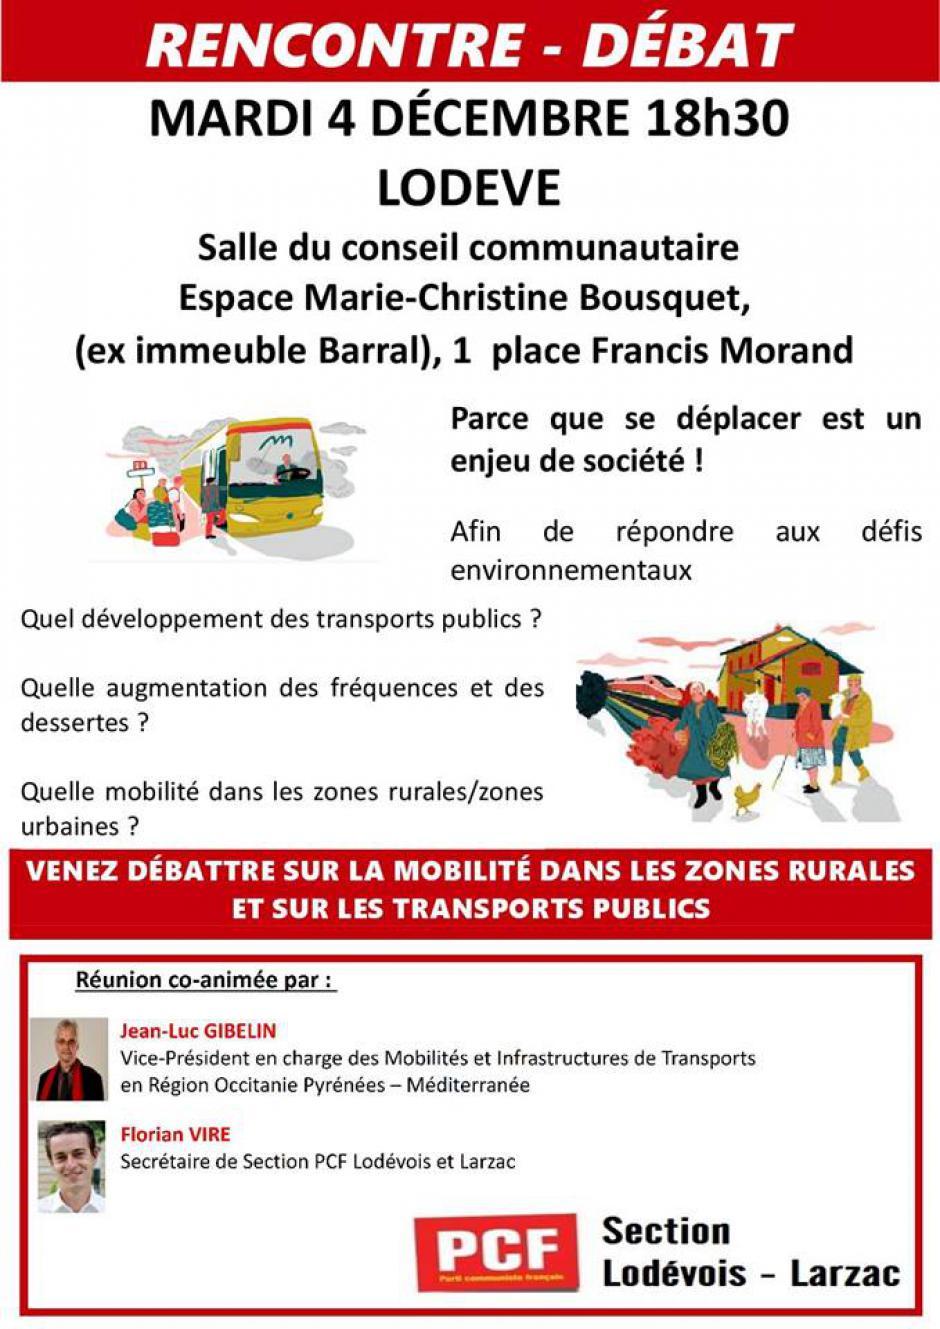 Lodève - Espace Marie-Christine Bousquet : rencontre débat sur me thème LA MOBILITÉ DANS LES ZONES RURALES ET SUR LES TRANSPORTS PUBLICS